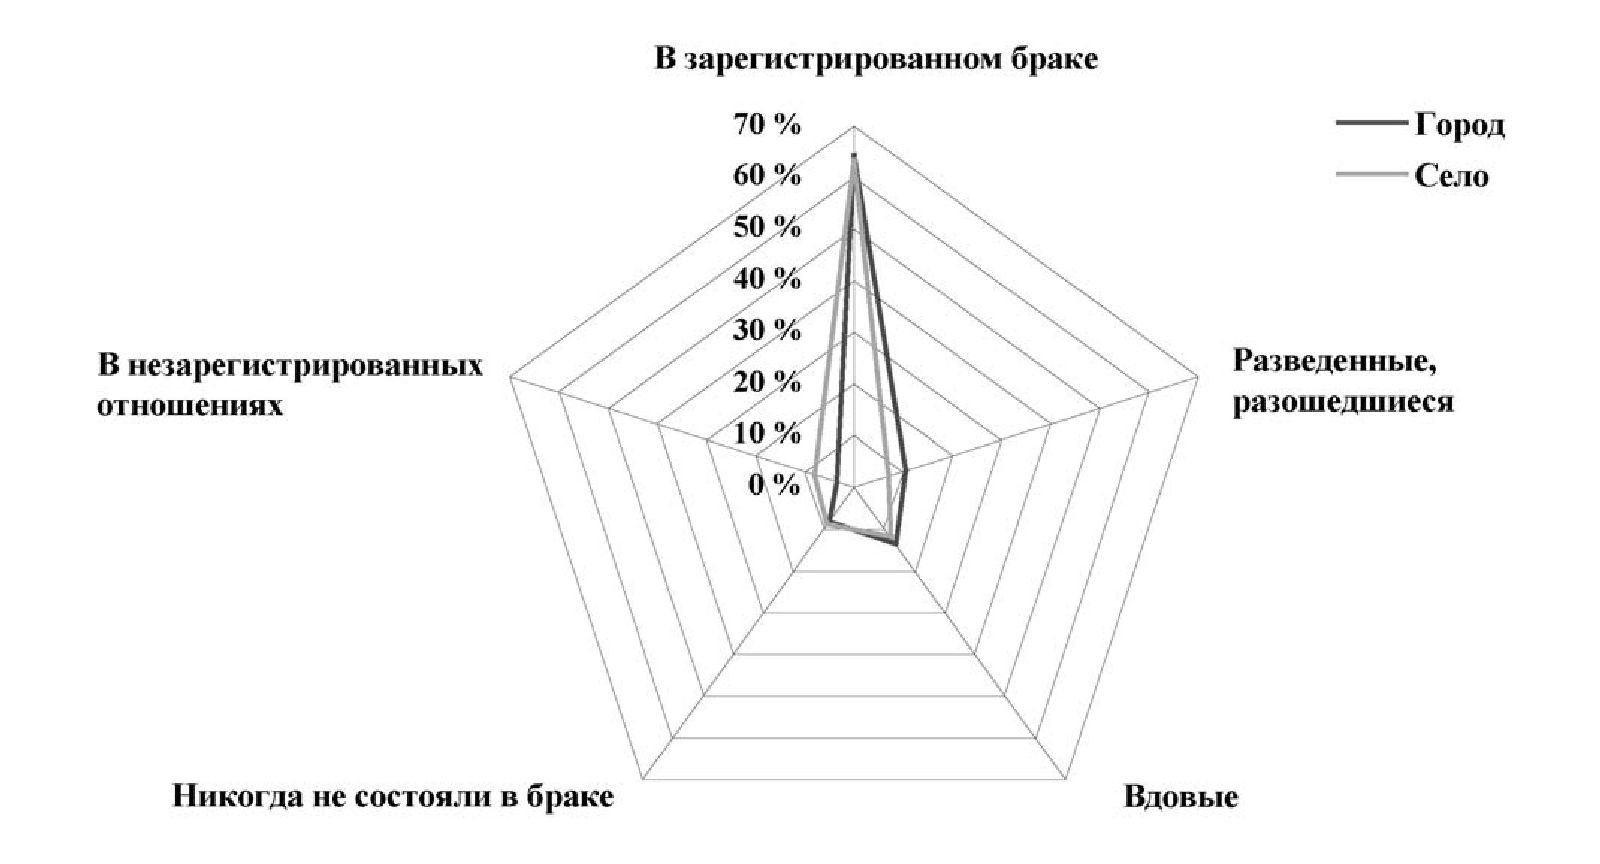 Рис. 4. Украинцы в Беларуси по состоянию в браке (2009)